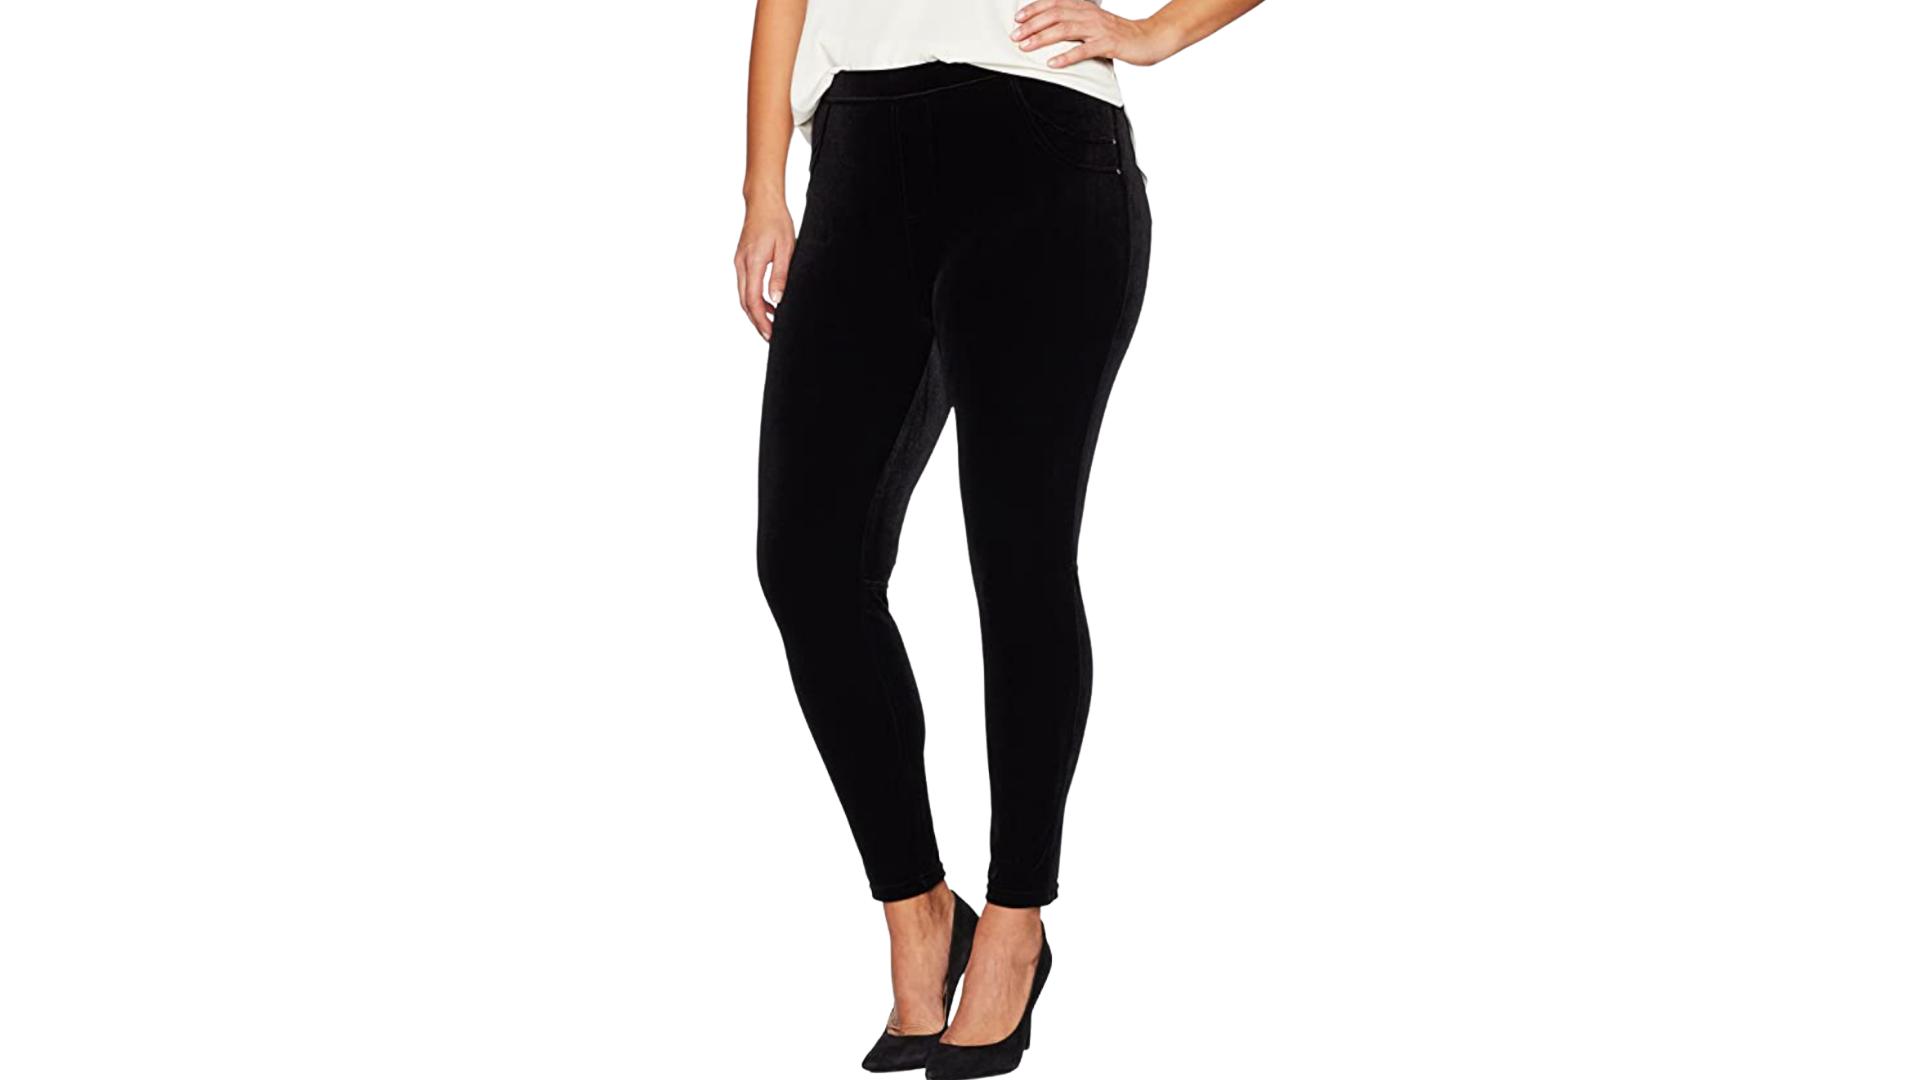 Calvin Klein best plus size leggings for winter